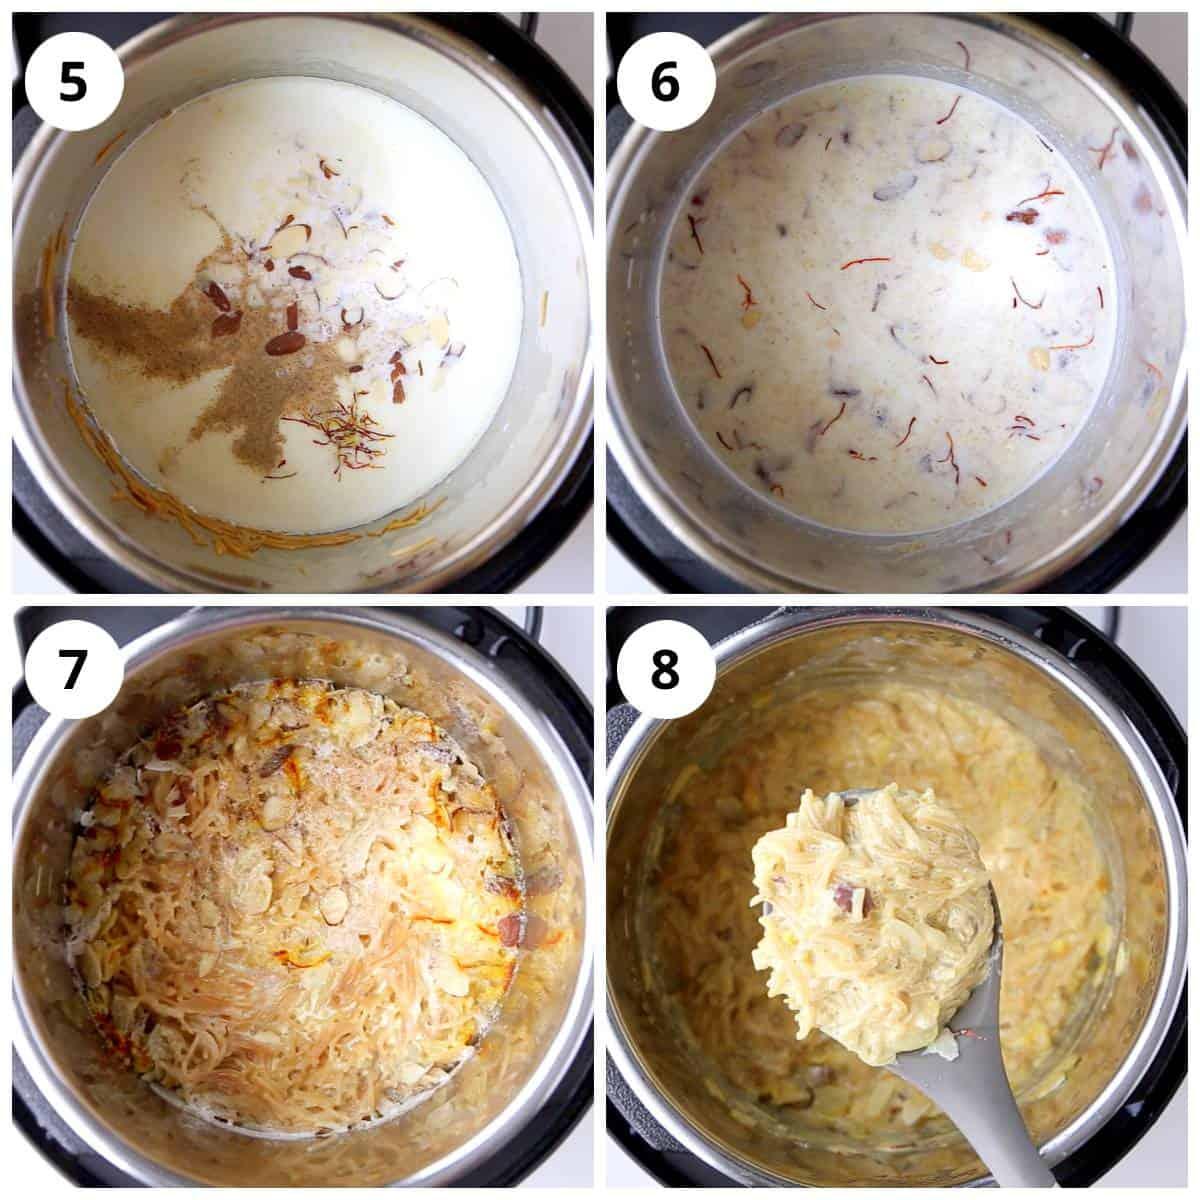 Steps for making seviyan kheer in Instant Pot